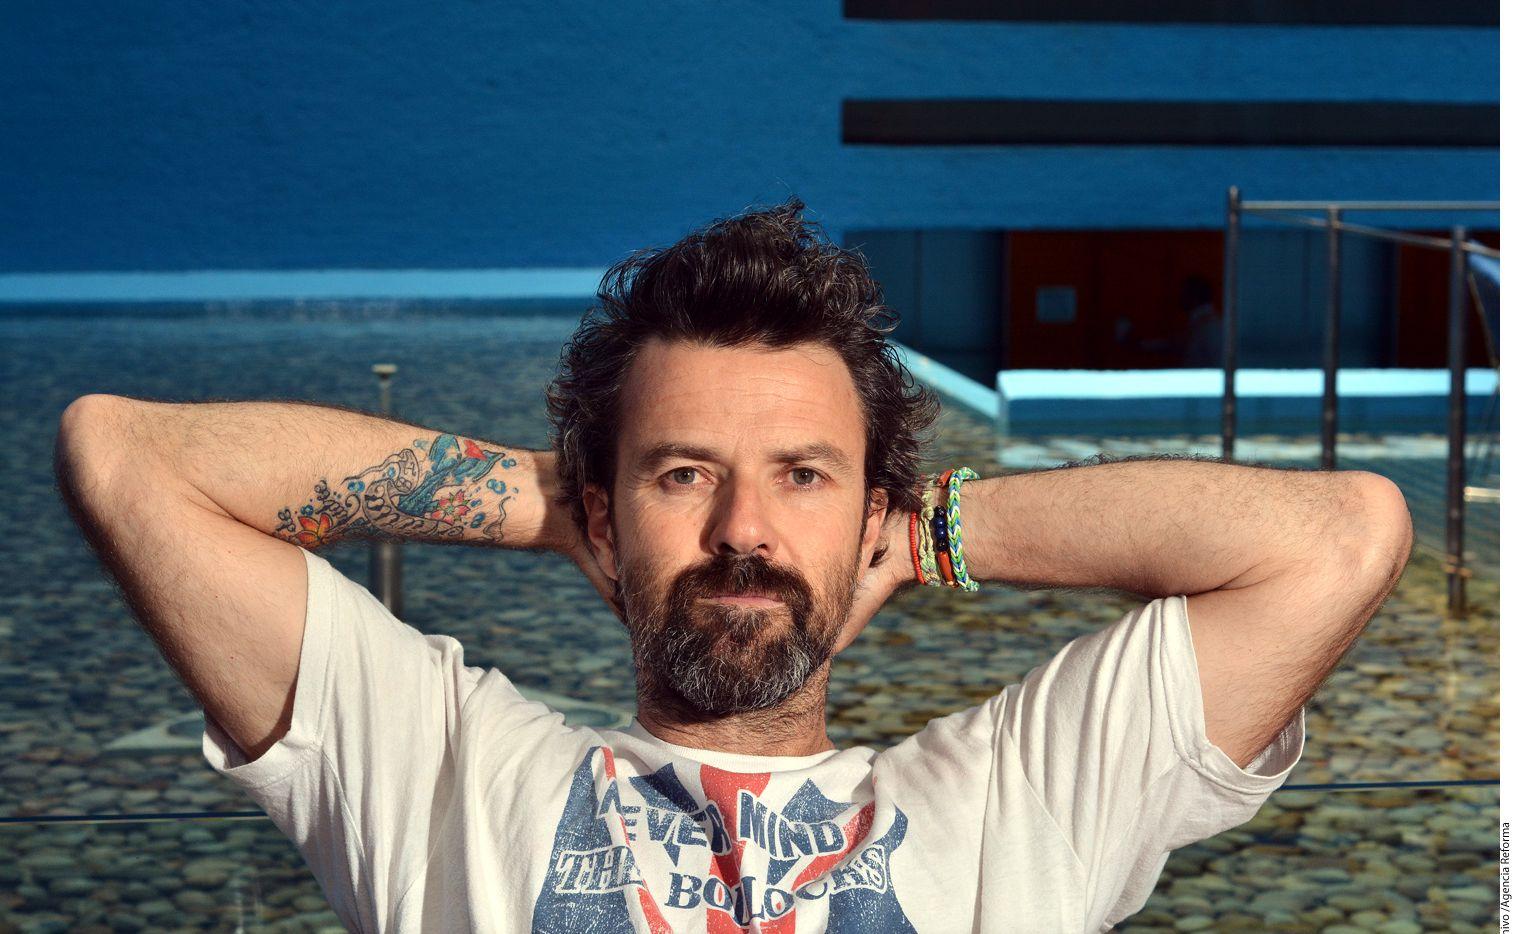 Por el momento, Pau Donés, de 49 años, se encuentra retirado de los medios, aunque aseguran que ya trabaja en un nuevo material musical./AGENCIA REFORMA